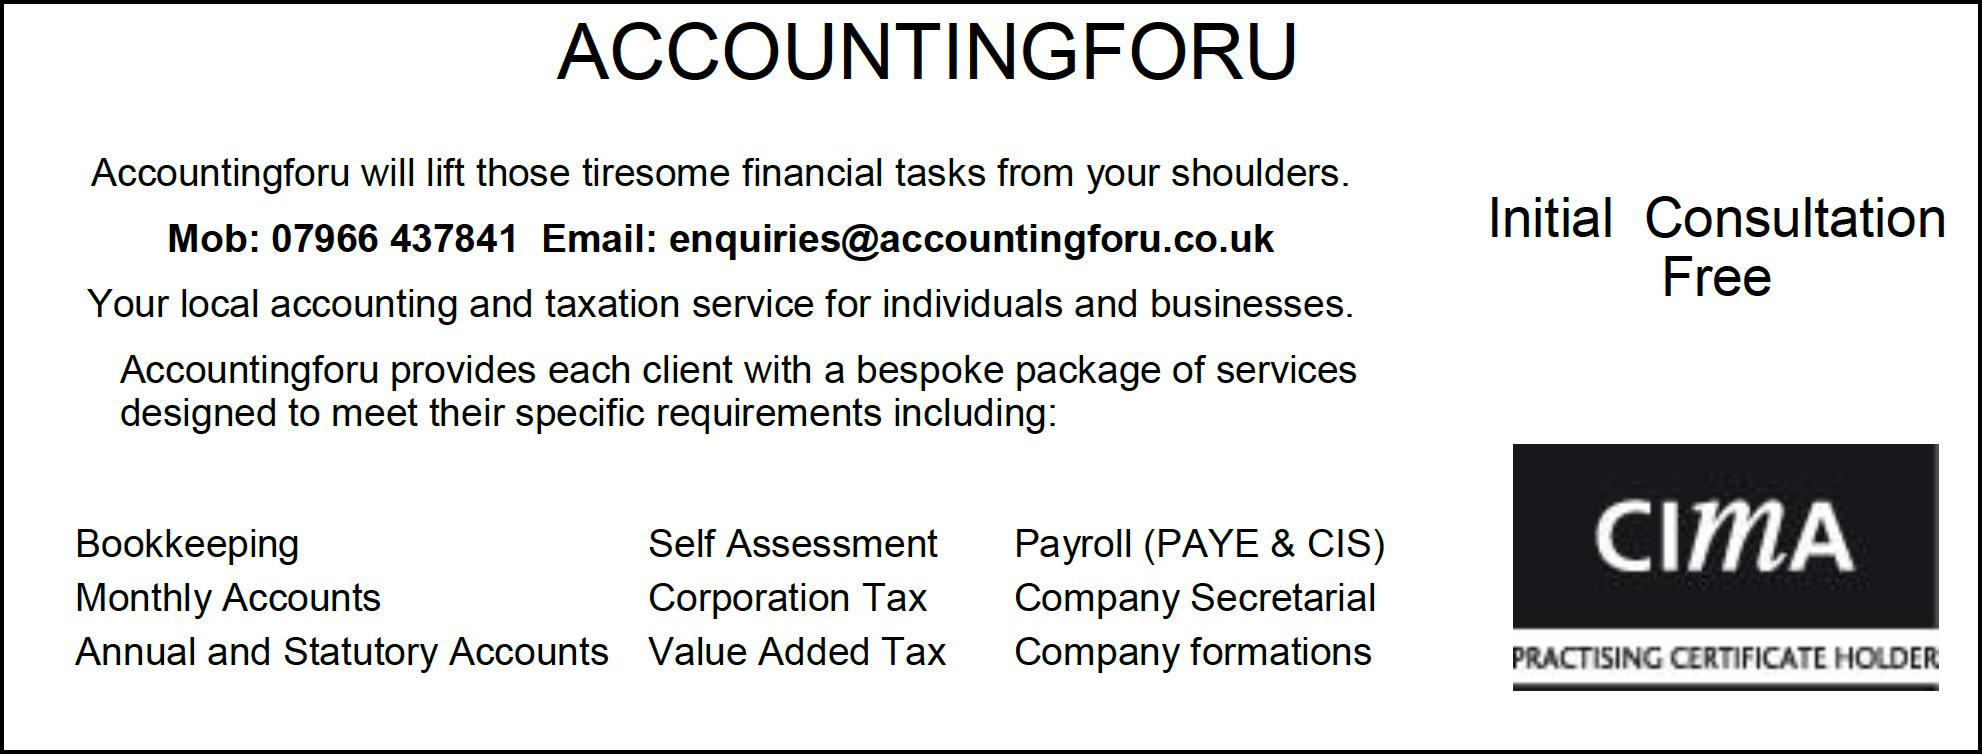 AccountingForU